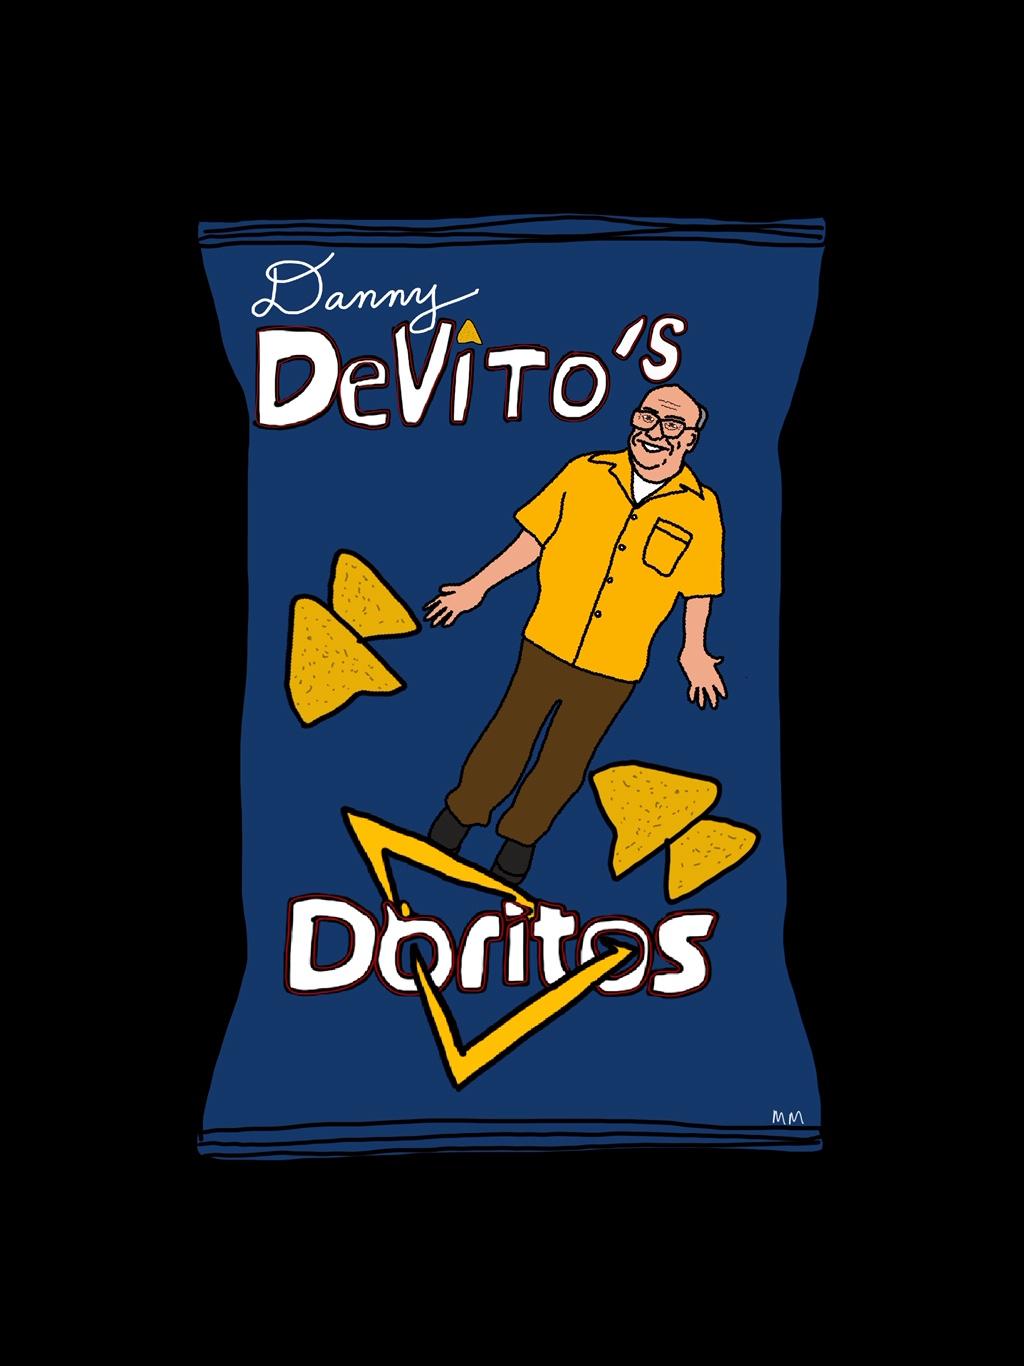 DeVito's Doritos